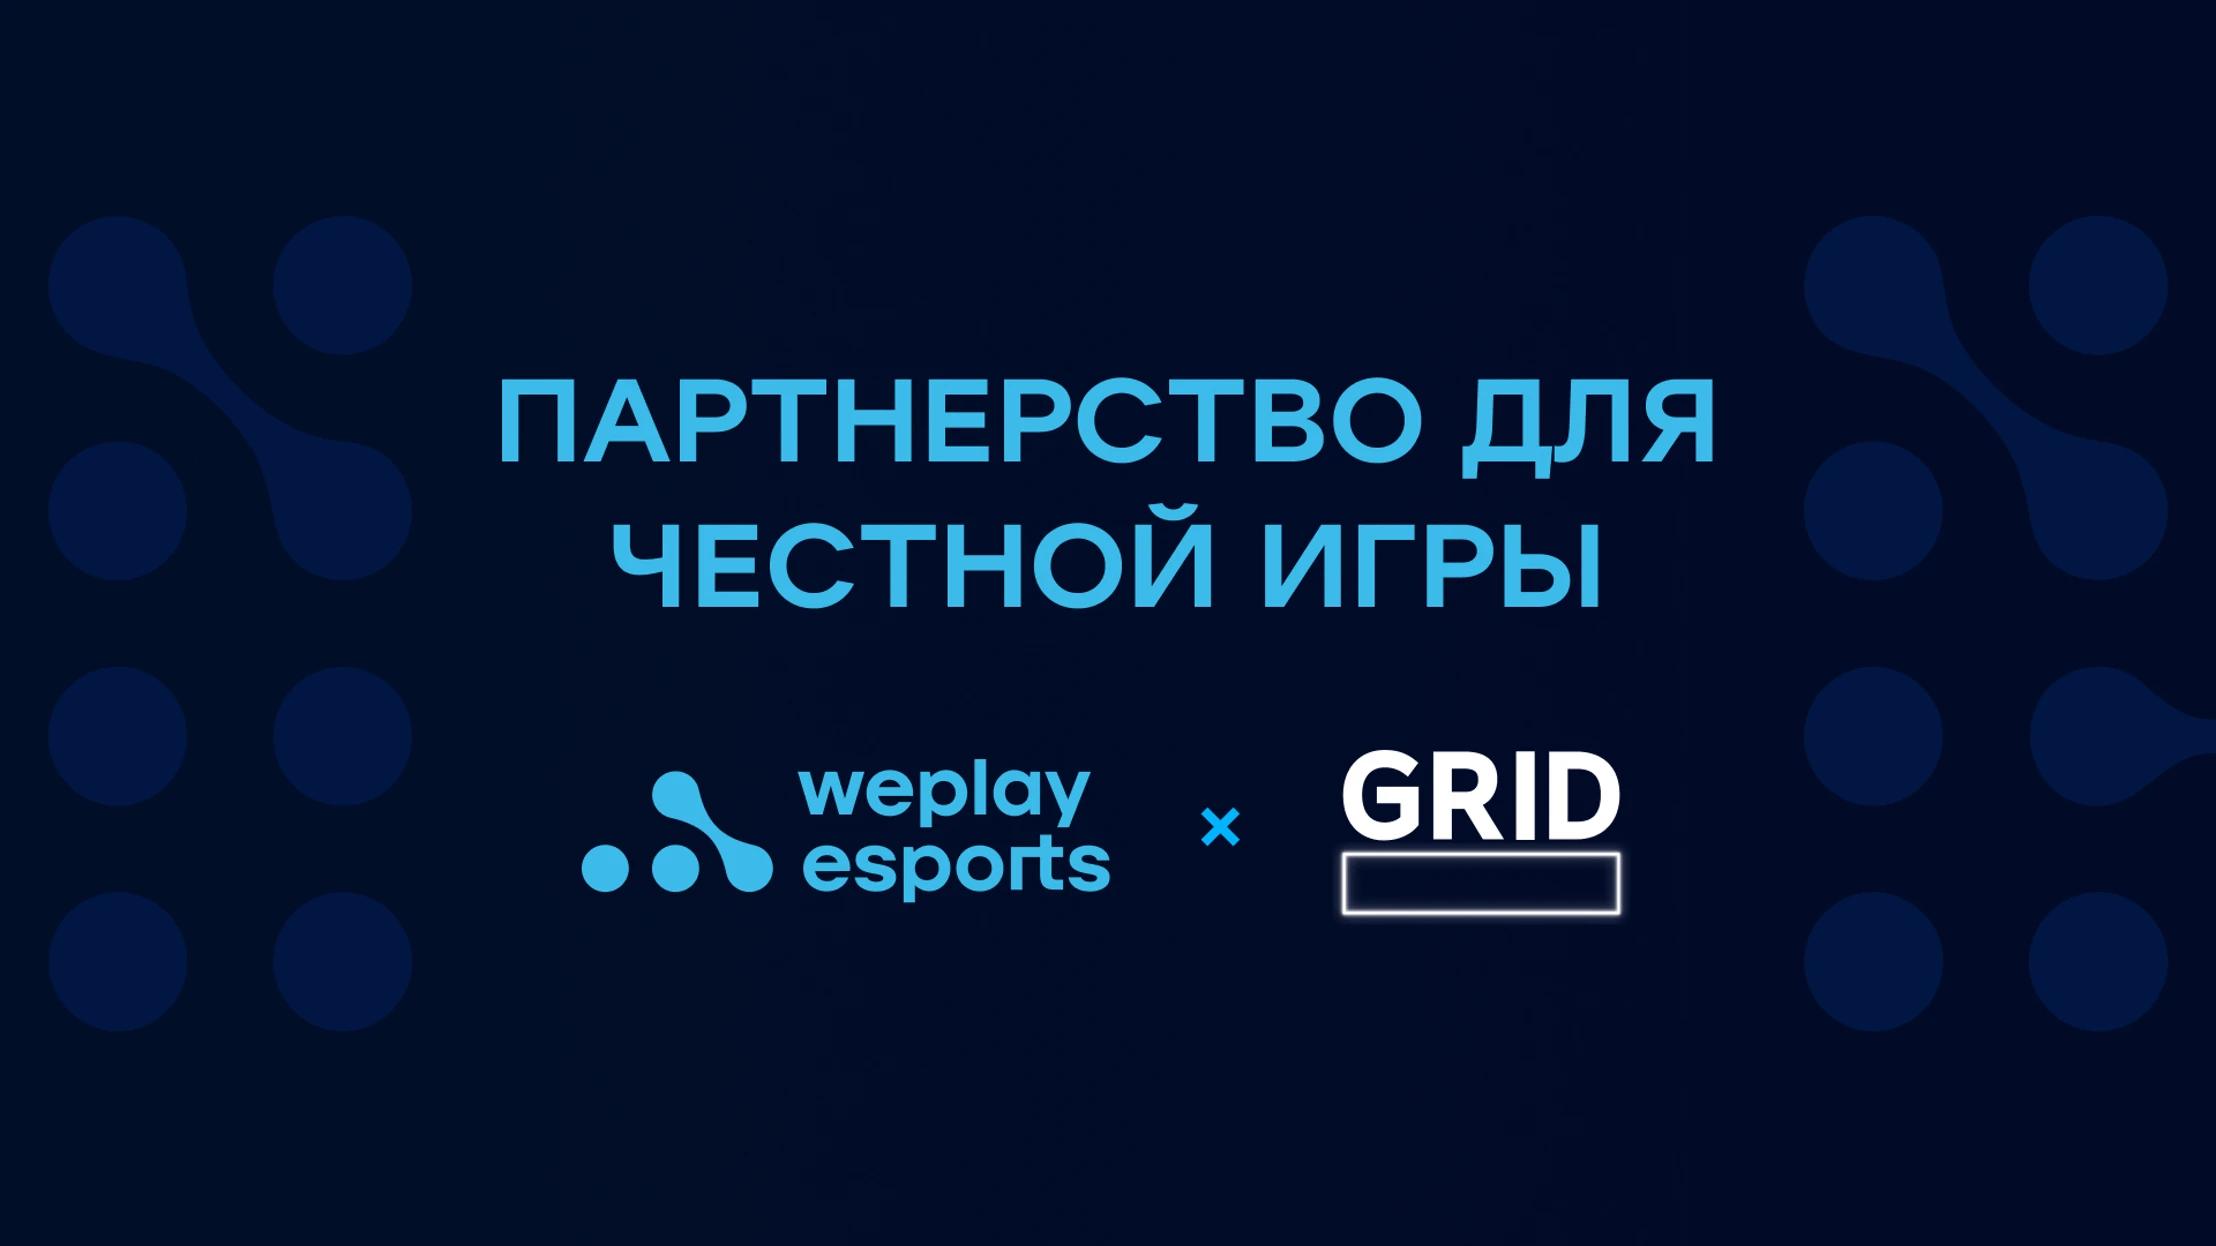 WePlay Esports и GRID: партнерство для честной игры